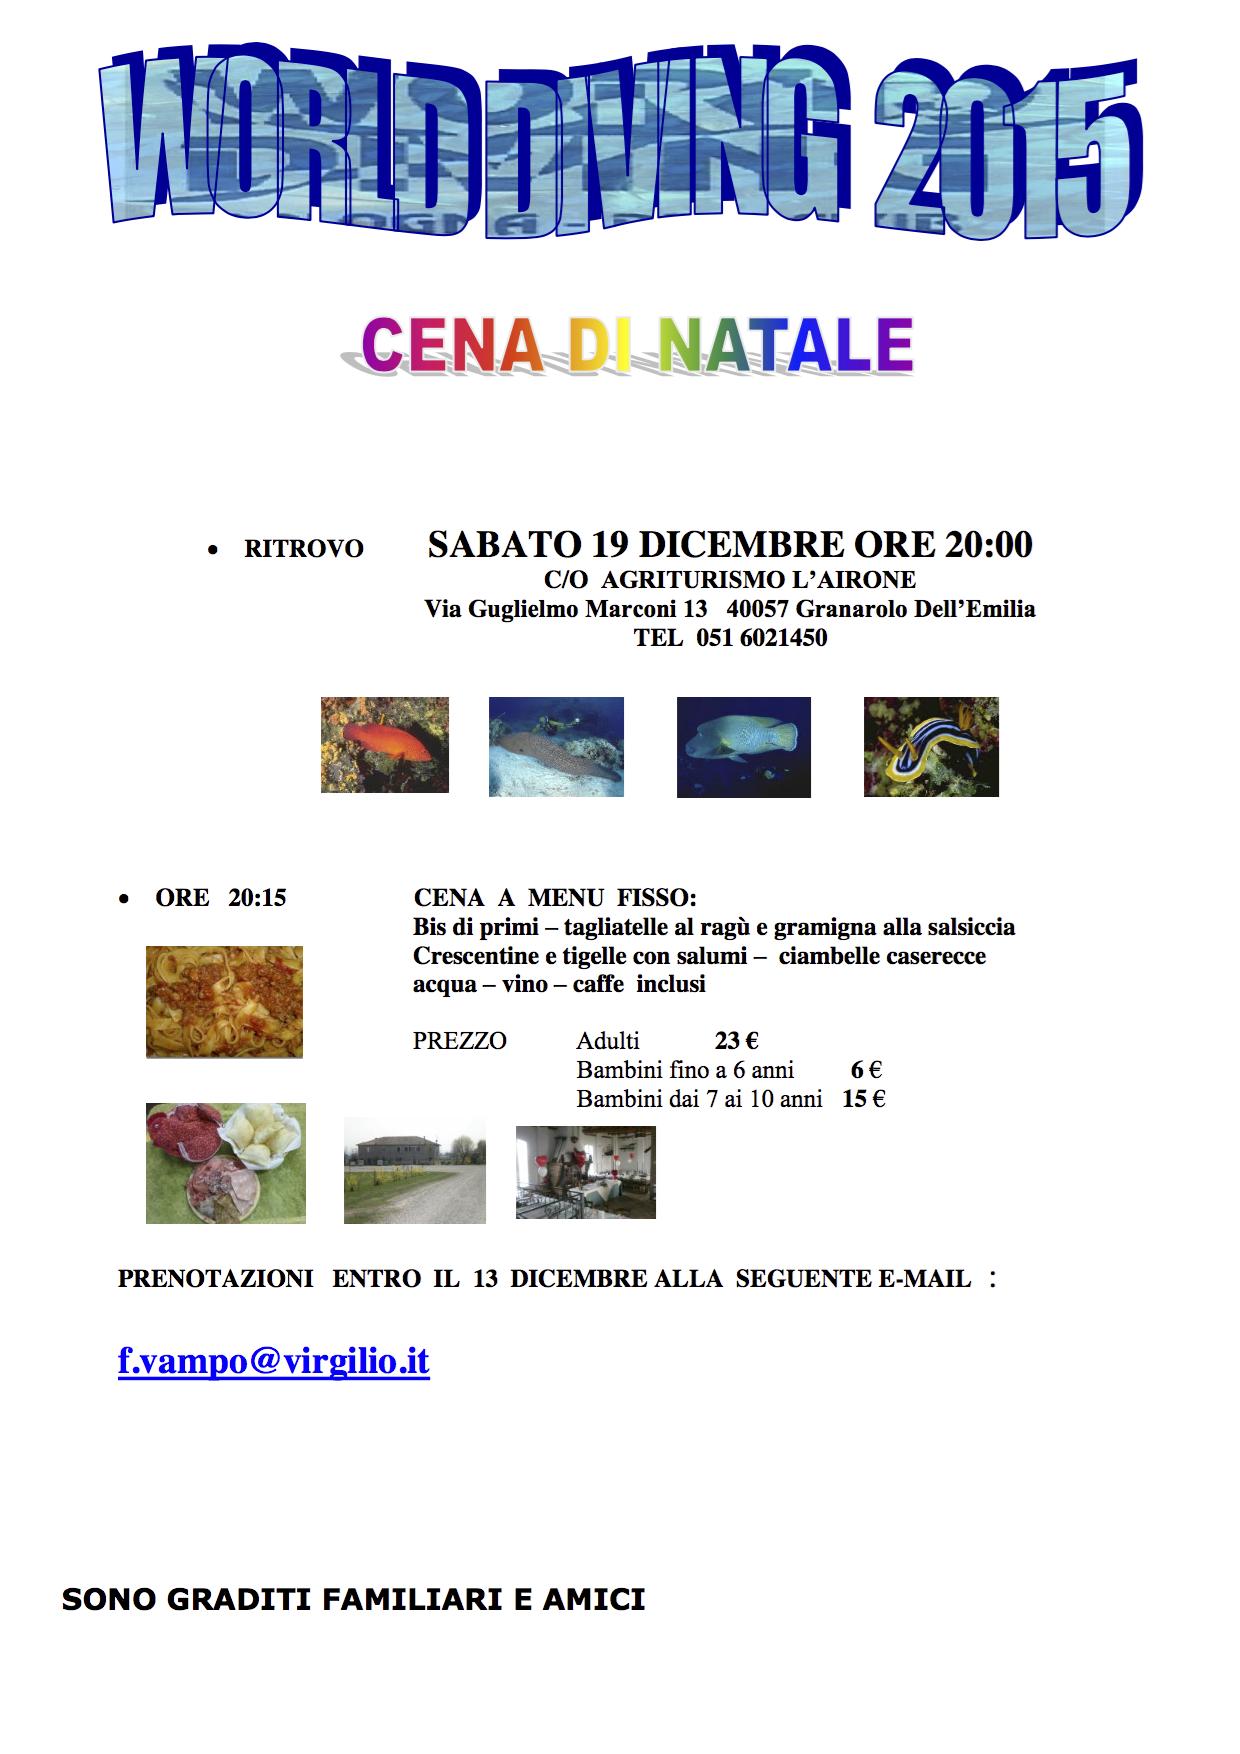 CENA NATALE 2015